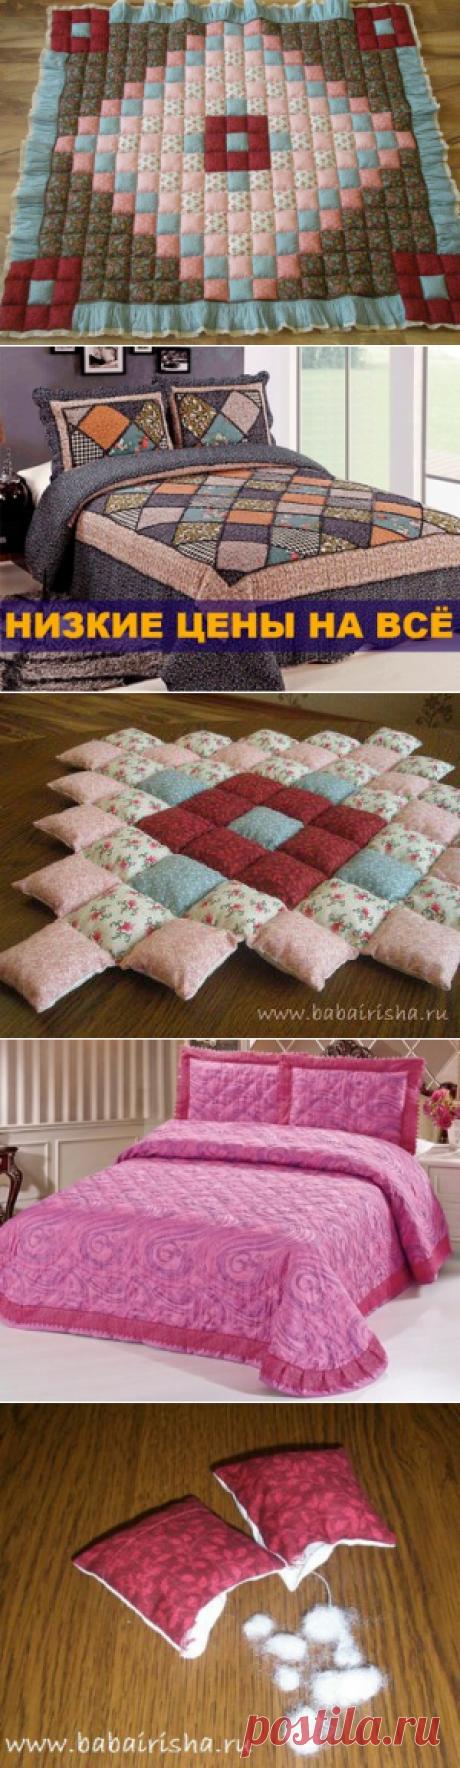 Лоскутное одеяло (Квилтинг)   Журнал Вдохновение Рукодельницы